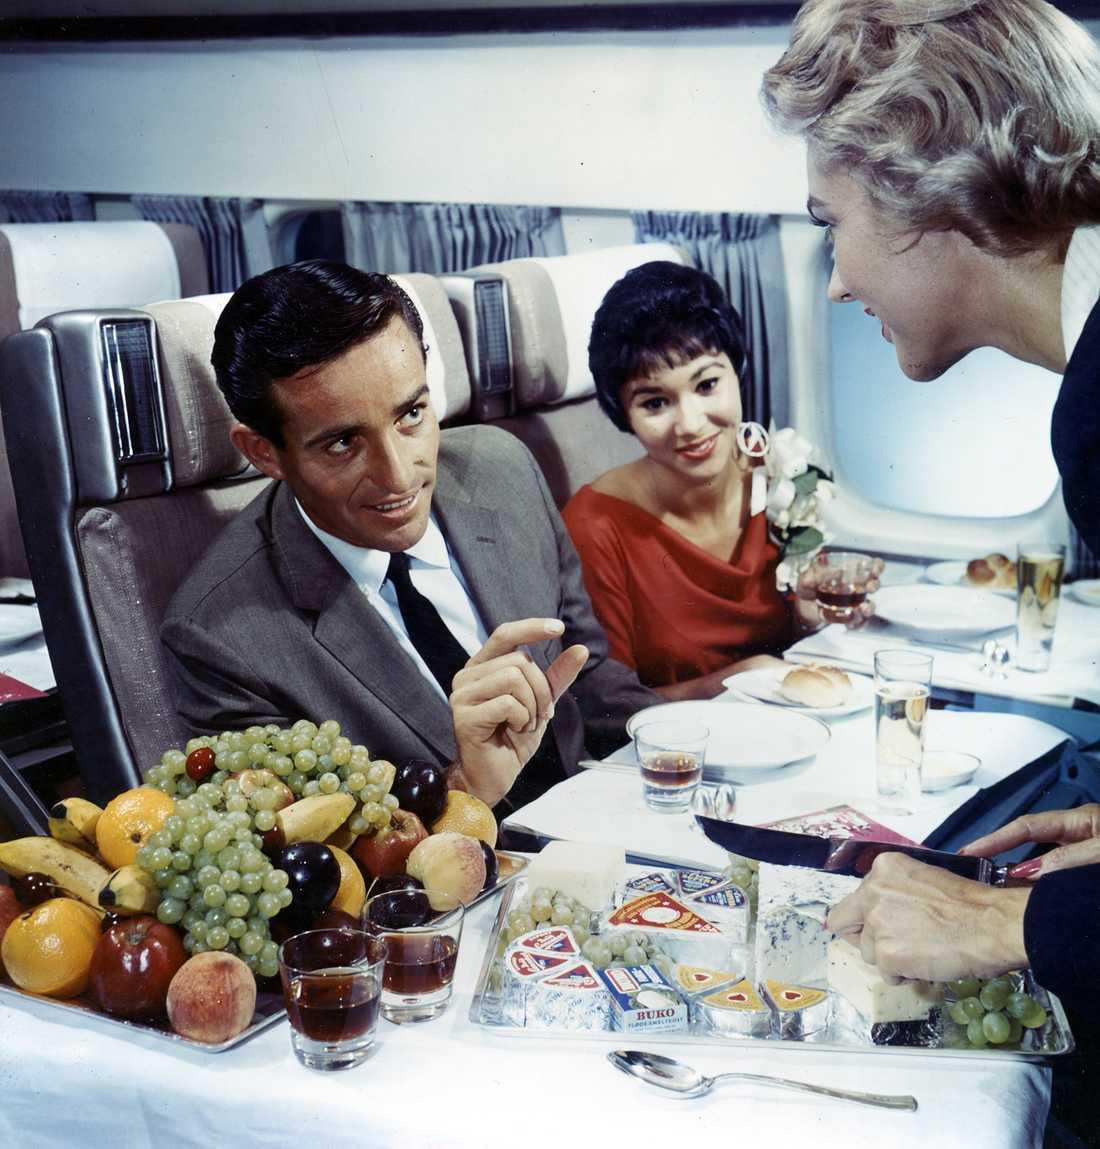 Vad sägs om en liten ostbit till maten? Tidigt 1960-tal.